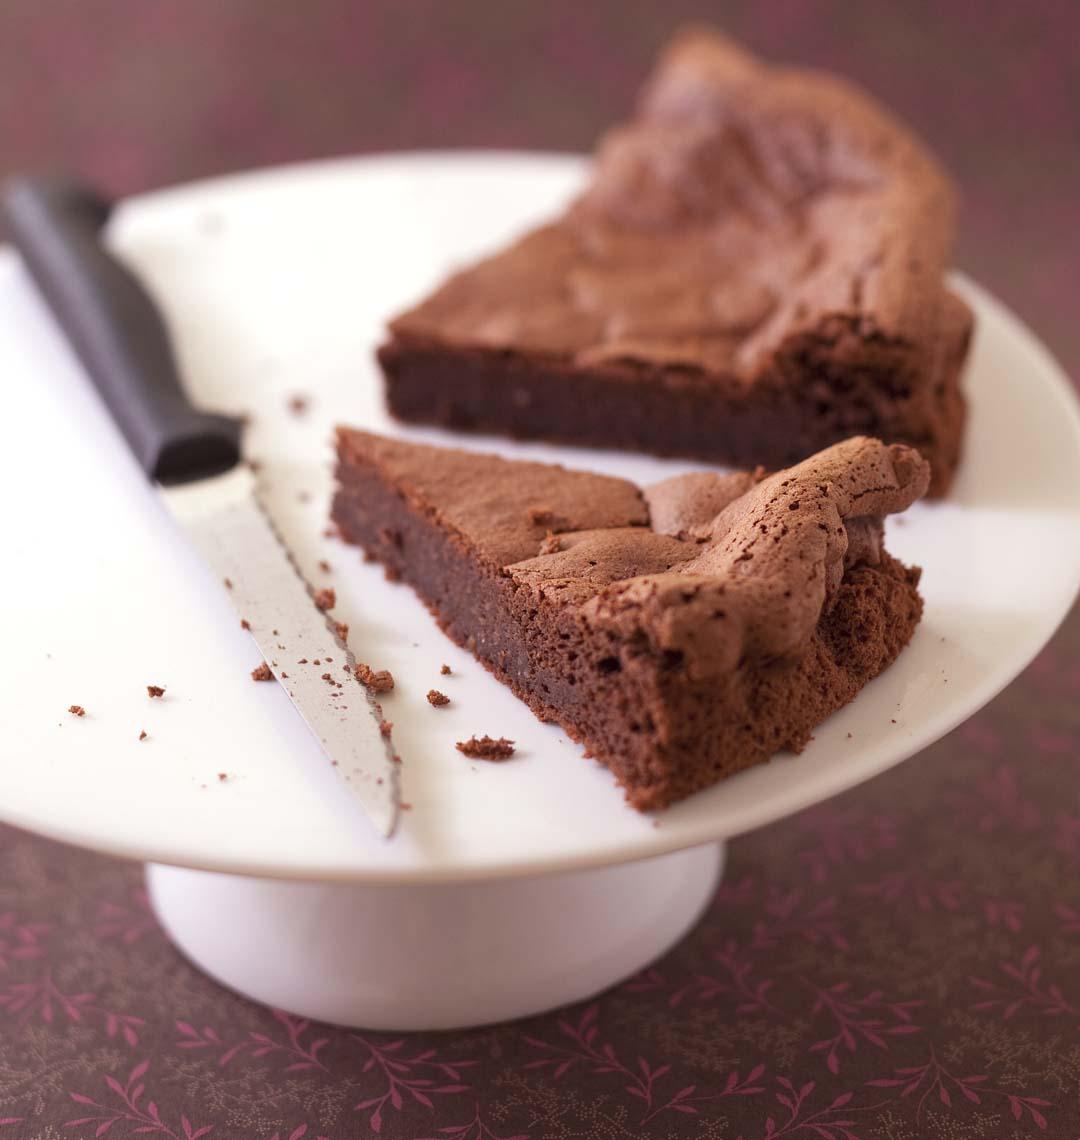 Gâteau au chocolat : c'est ce que je réalise quand je veux me faire plaisir